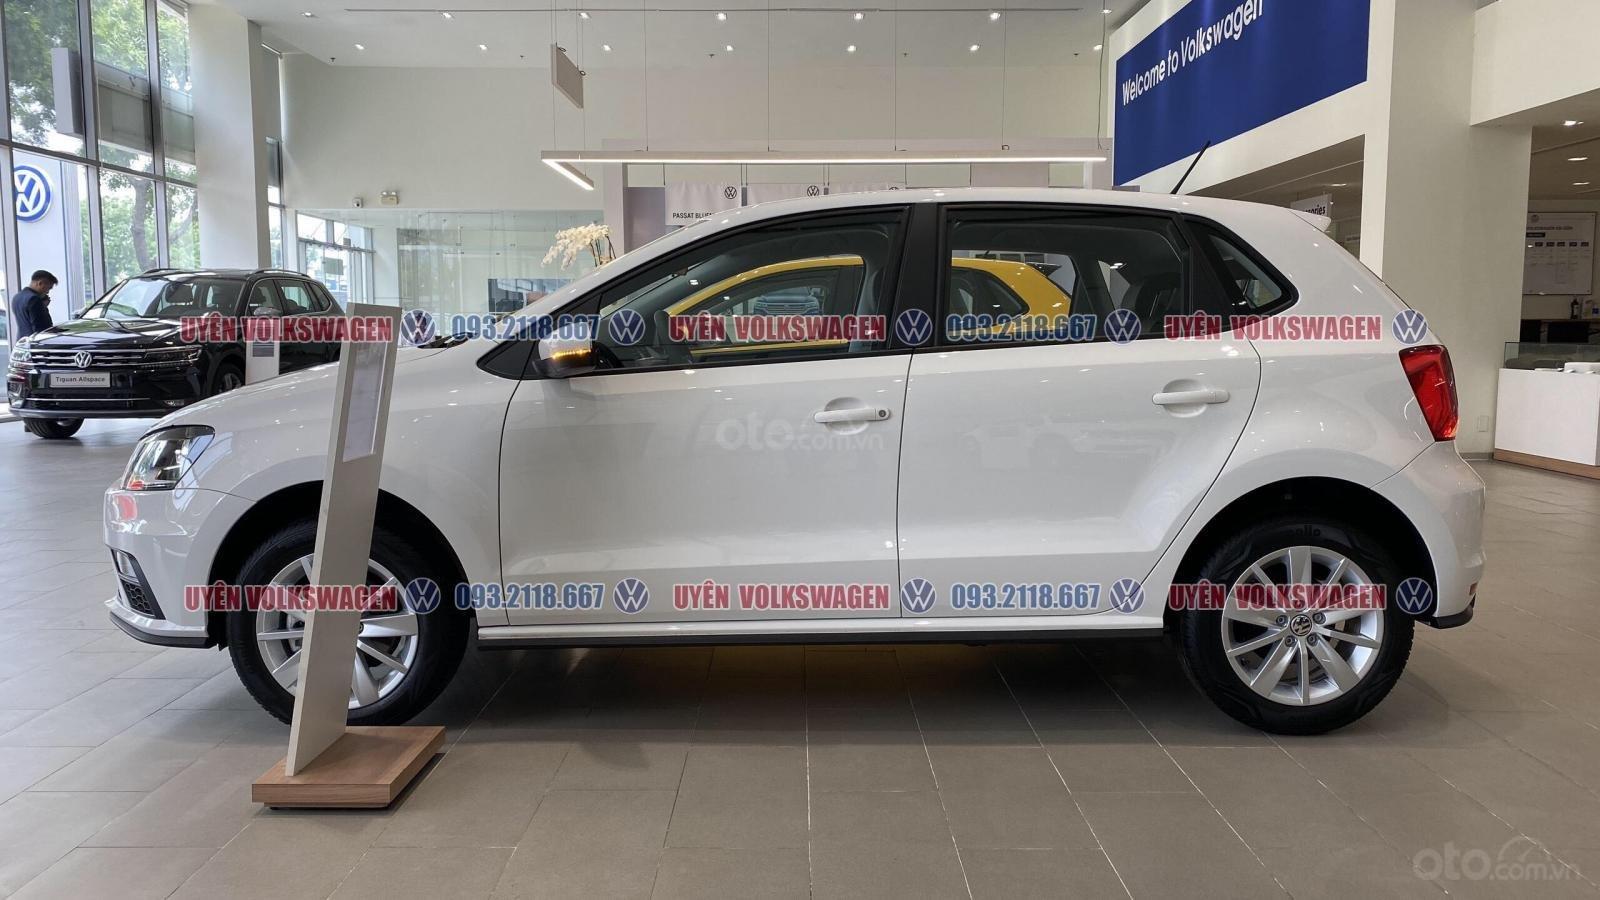 Ưu đãi lớn giảm phí trước bạ xe Polo Hatchback màu trắng Ngọc Trinh mới, xe nhỏ gọn tiện dụng, thời trang, LH Ms. Uyên (5)